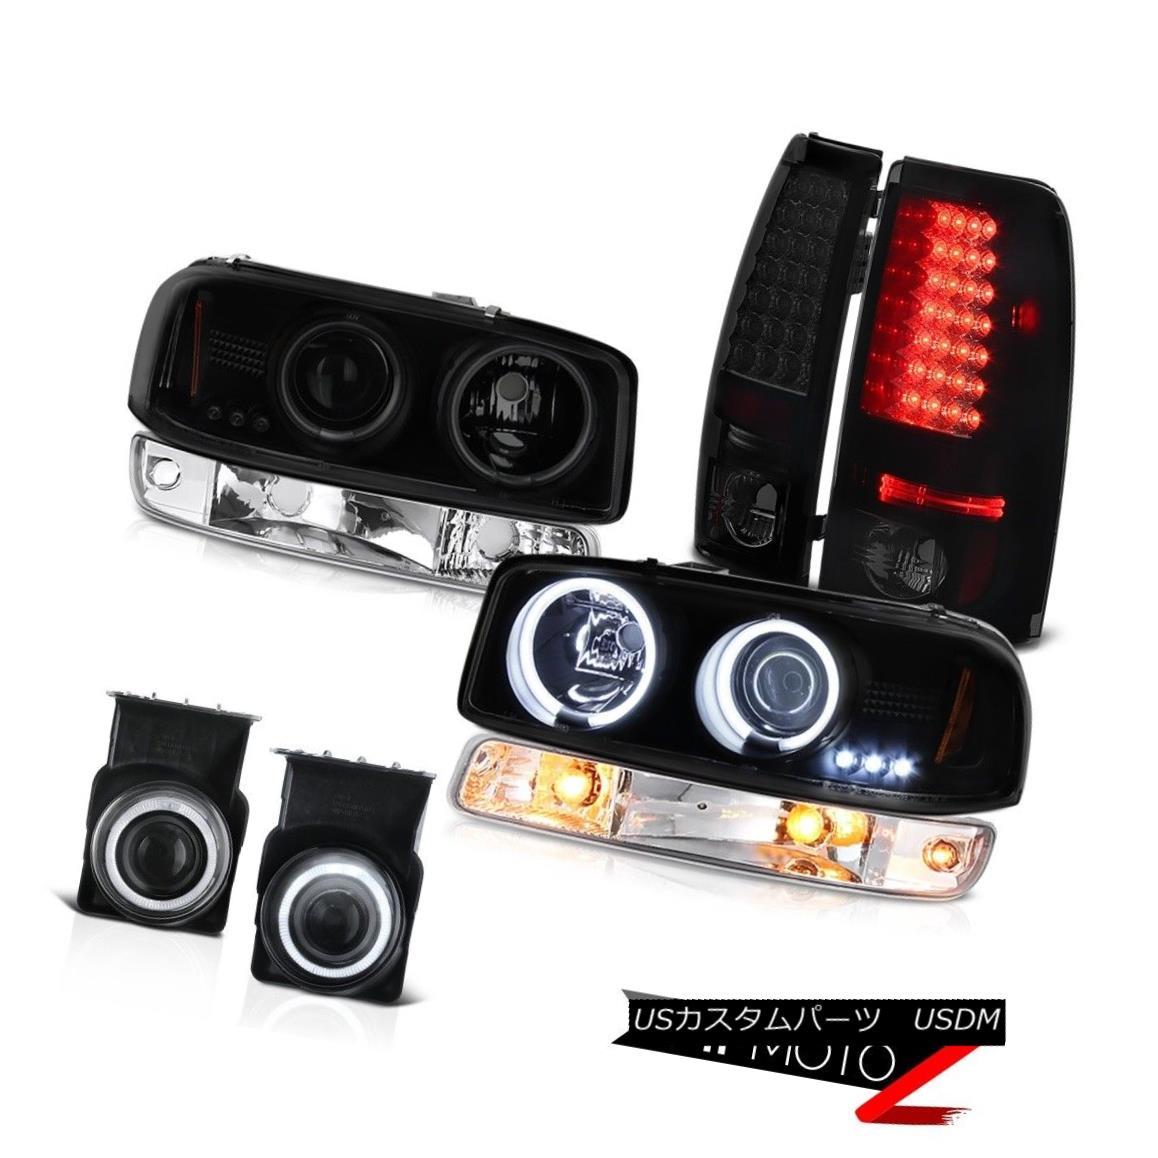 テールライト 03 04 05 06 GMC Sierra Fog lamps led tail brake parking lamp ccfl Headlamps LED 03 04 05 06 GMC Sierraフォグランプはテールブレーキパーキングランプを導いたccflヘッドランプLED